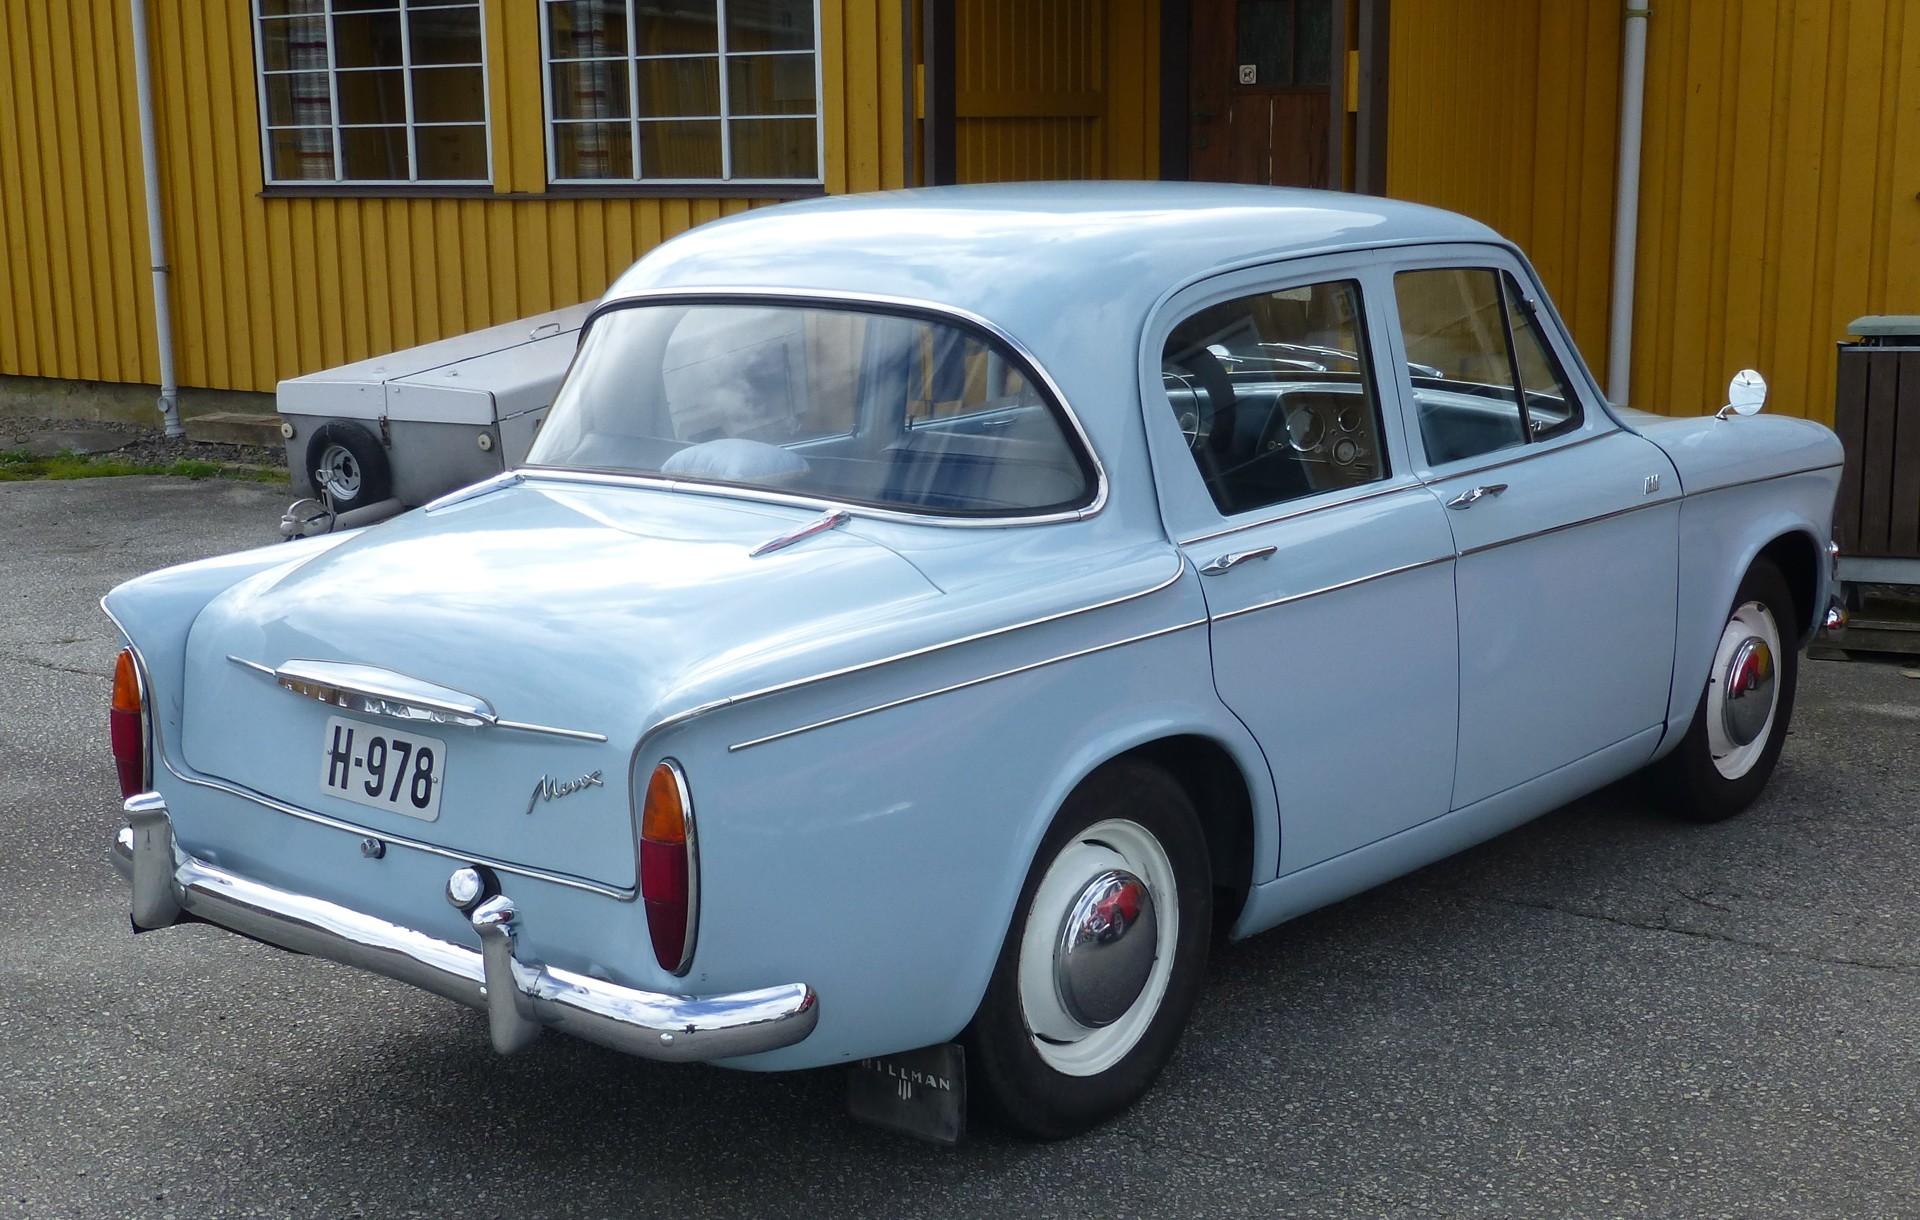 1963 Hillman Minx S IIIC